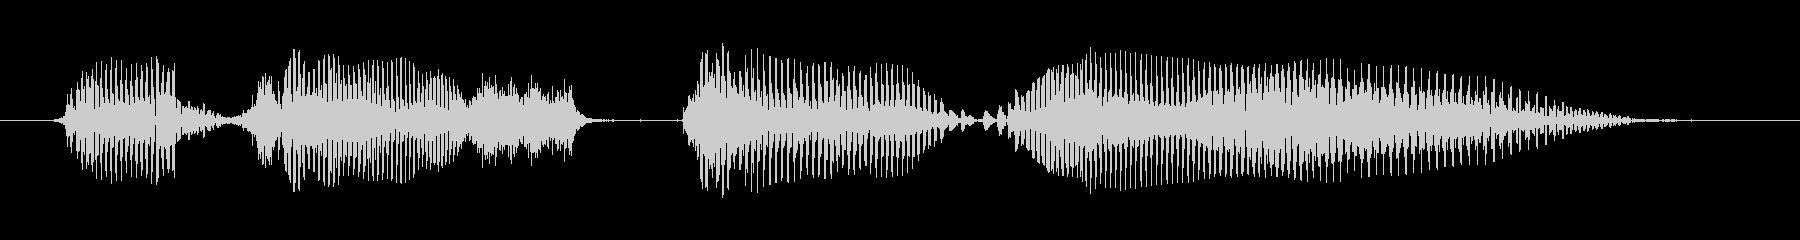 シニア女性A:わからないの未再生の波形